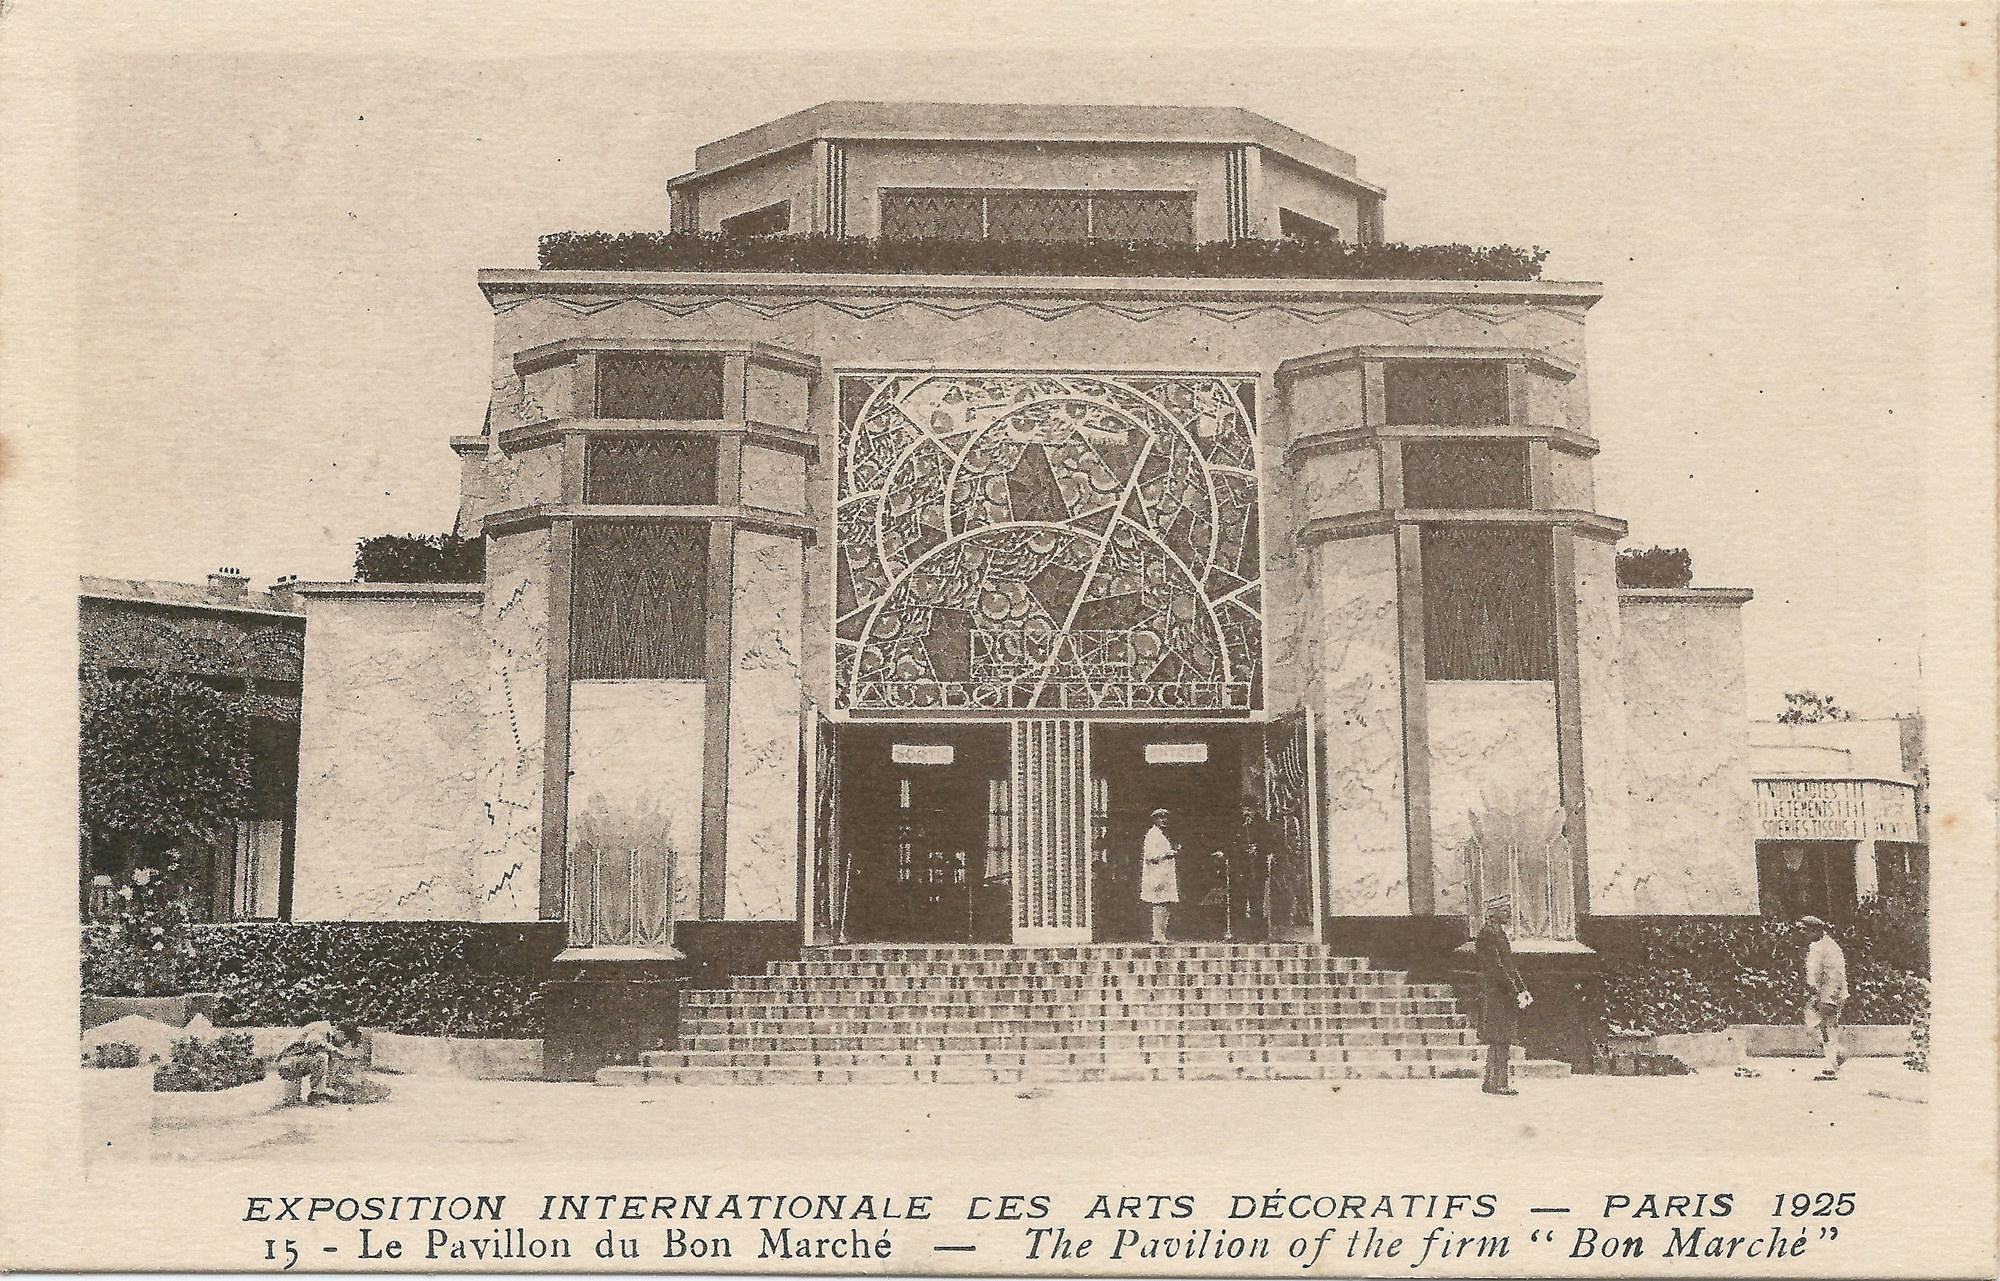 Le Pavillon du Bon Marché, 1925 Image via ArchDaily